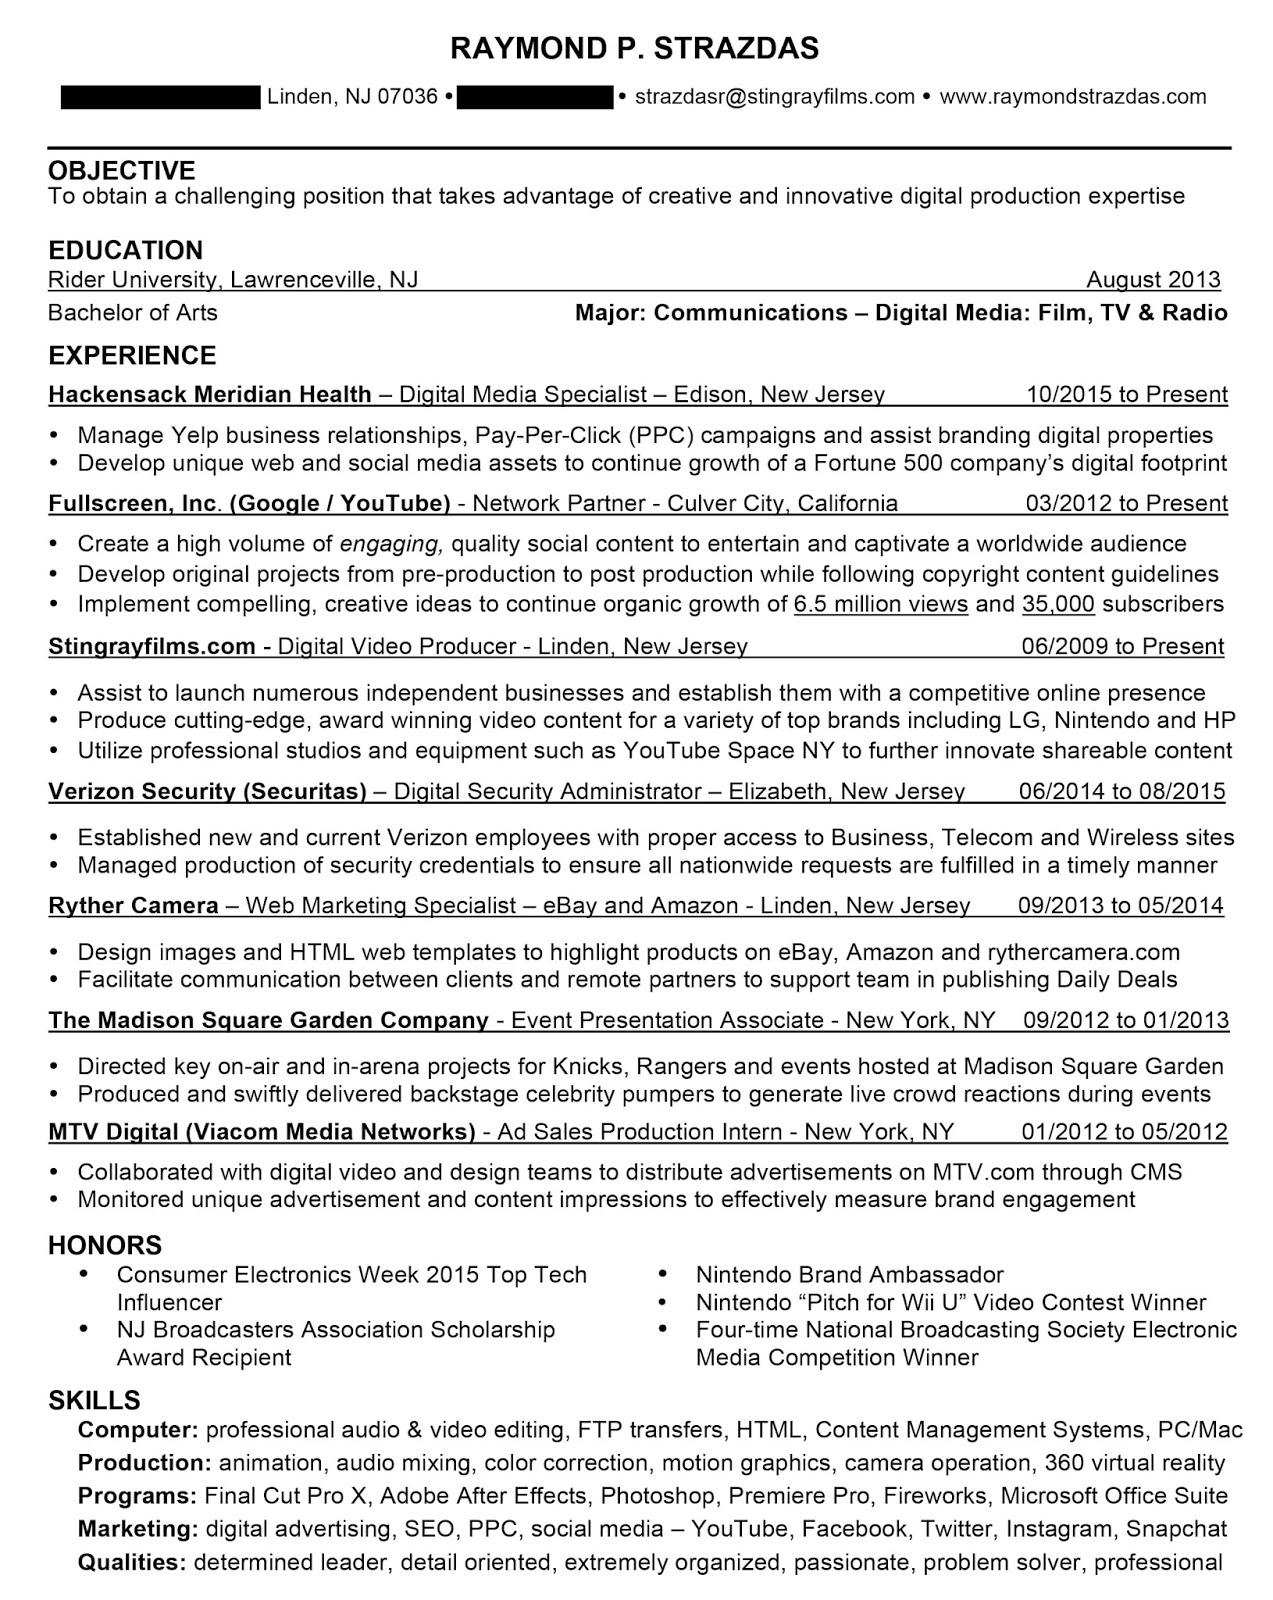 raymond strazdas resume February 2017